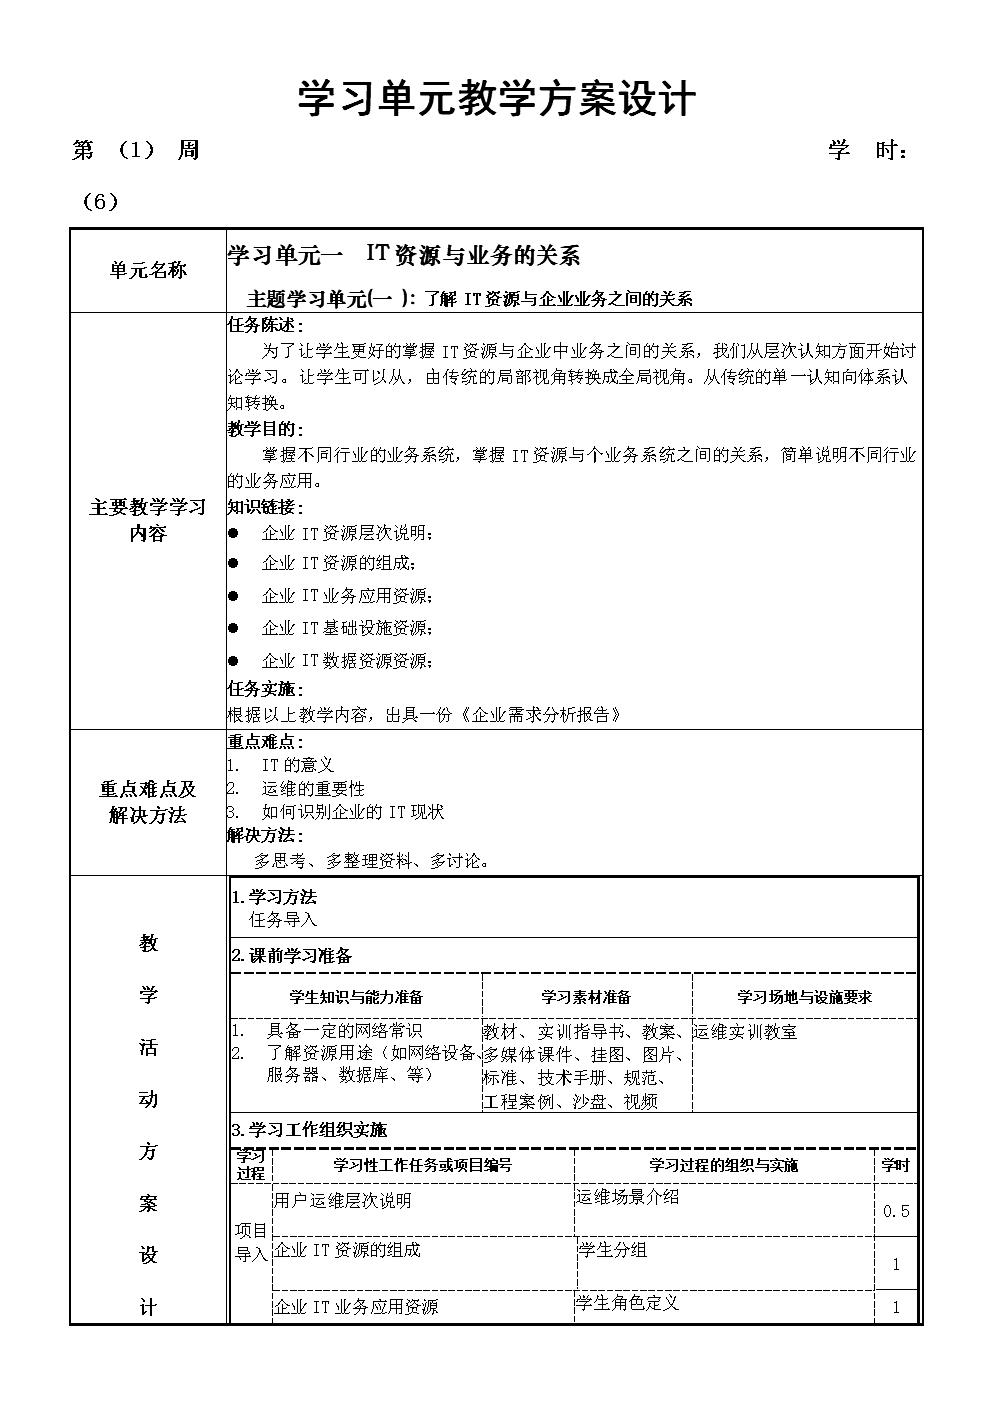 网络运维管理 网络运维管理 网络运维管理课程教案(高).doc